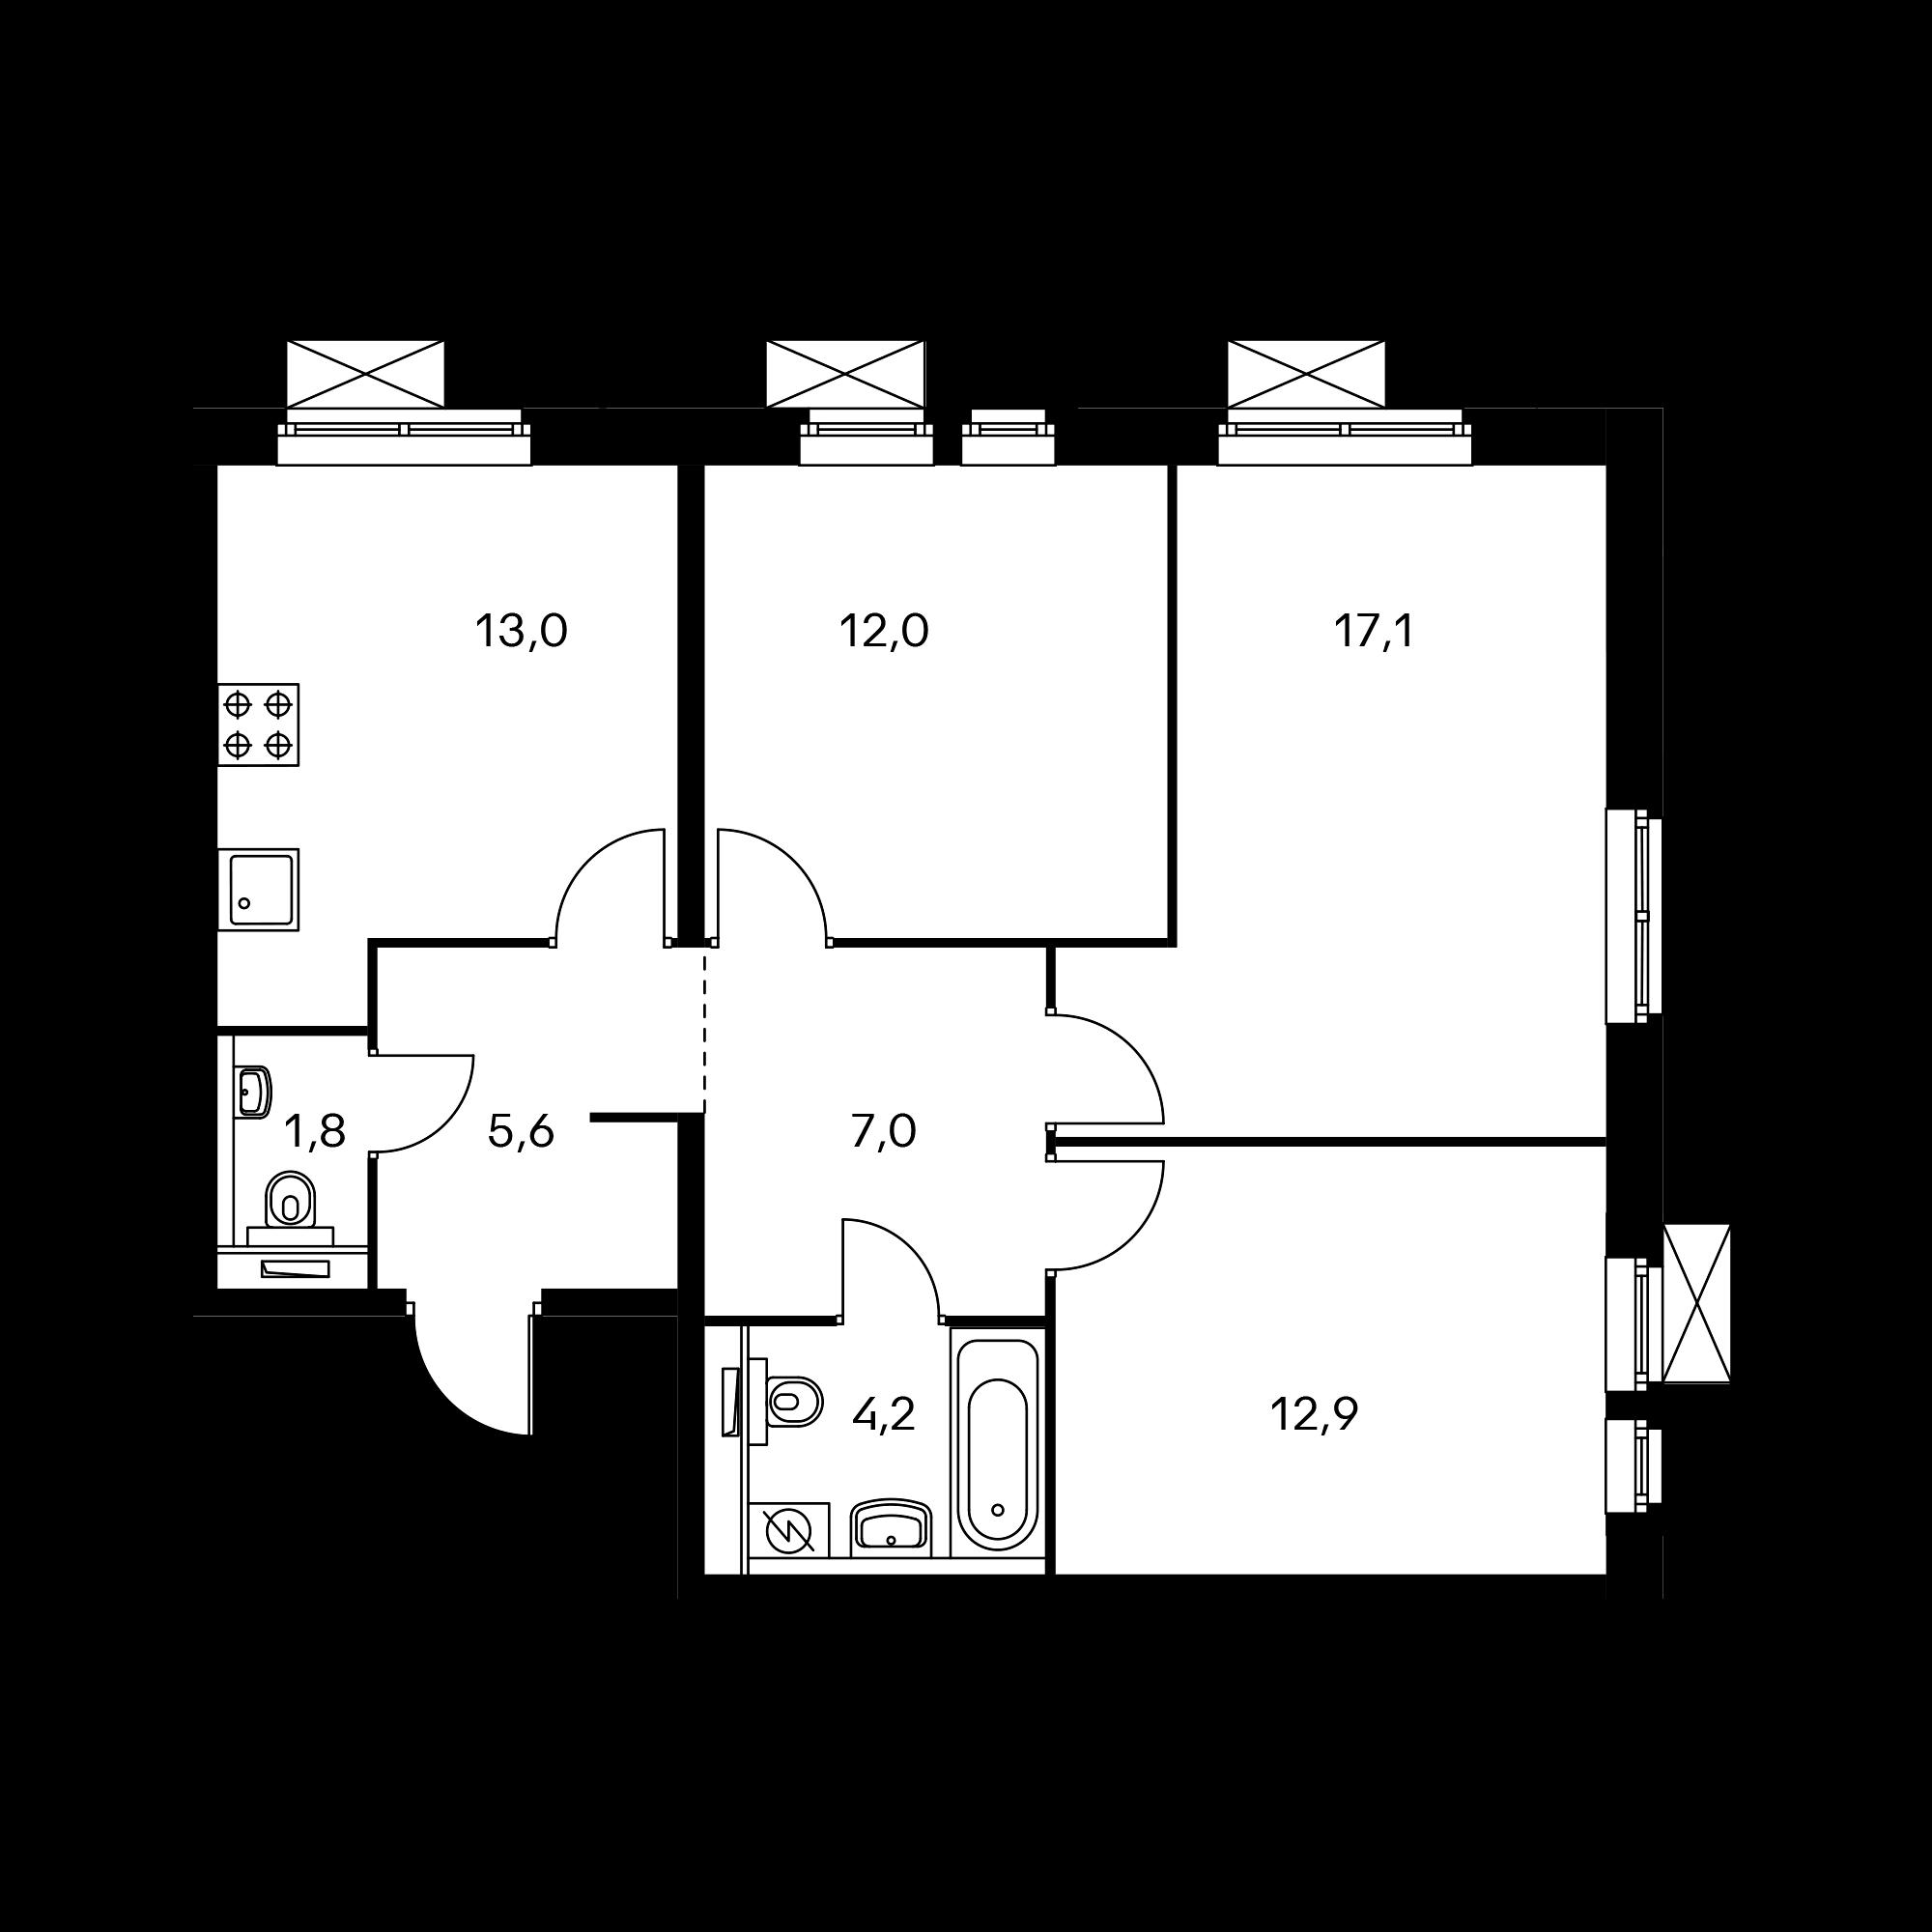 3KM24_10.5-1_T_Z1